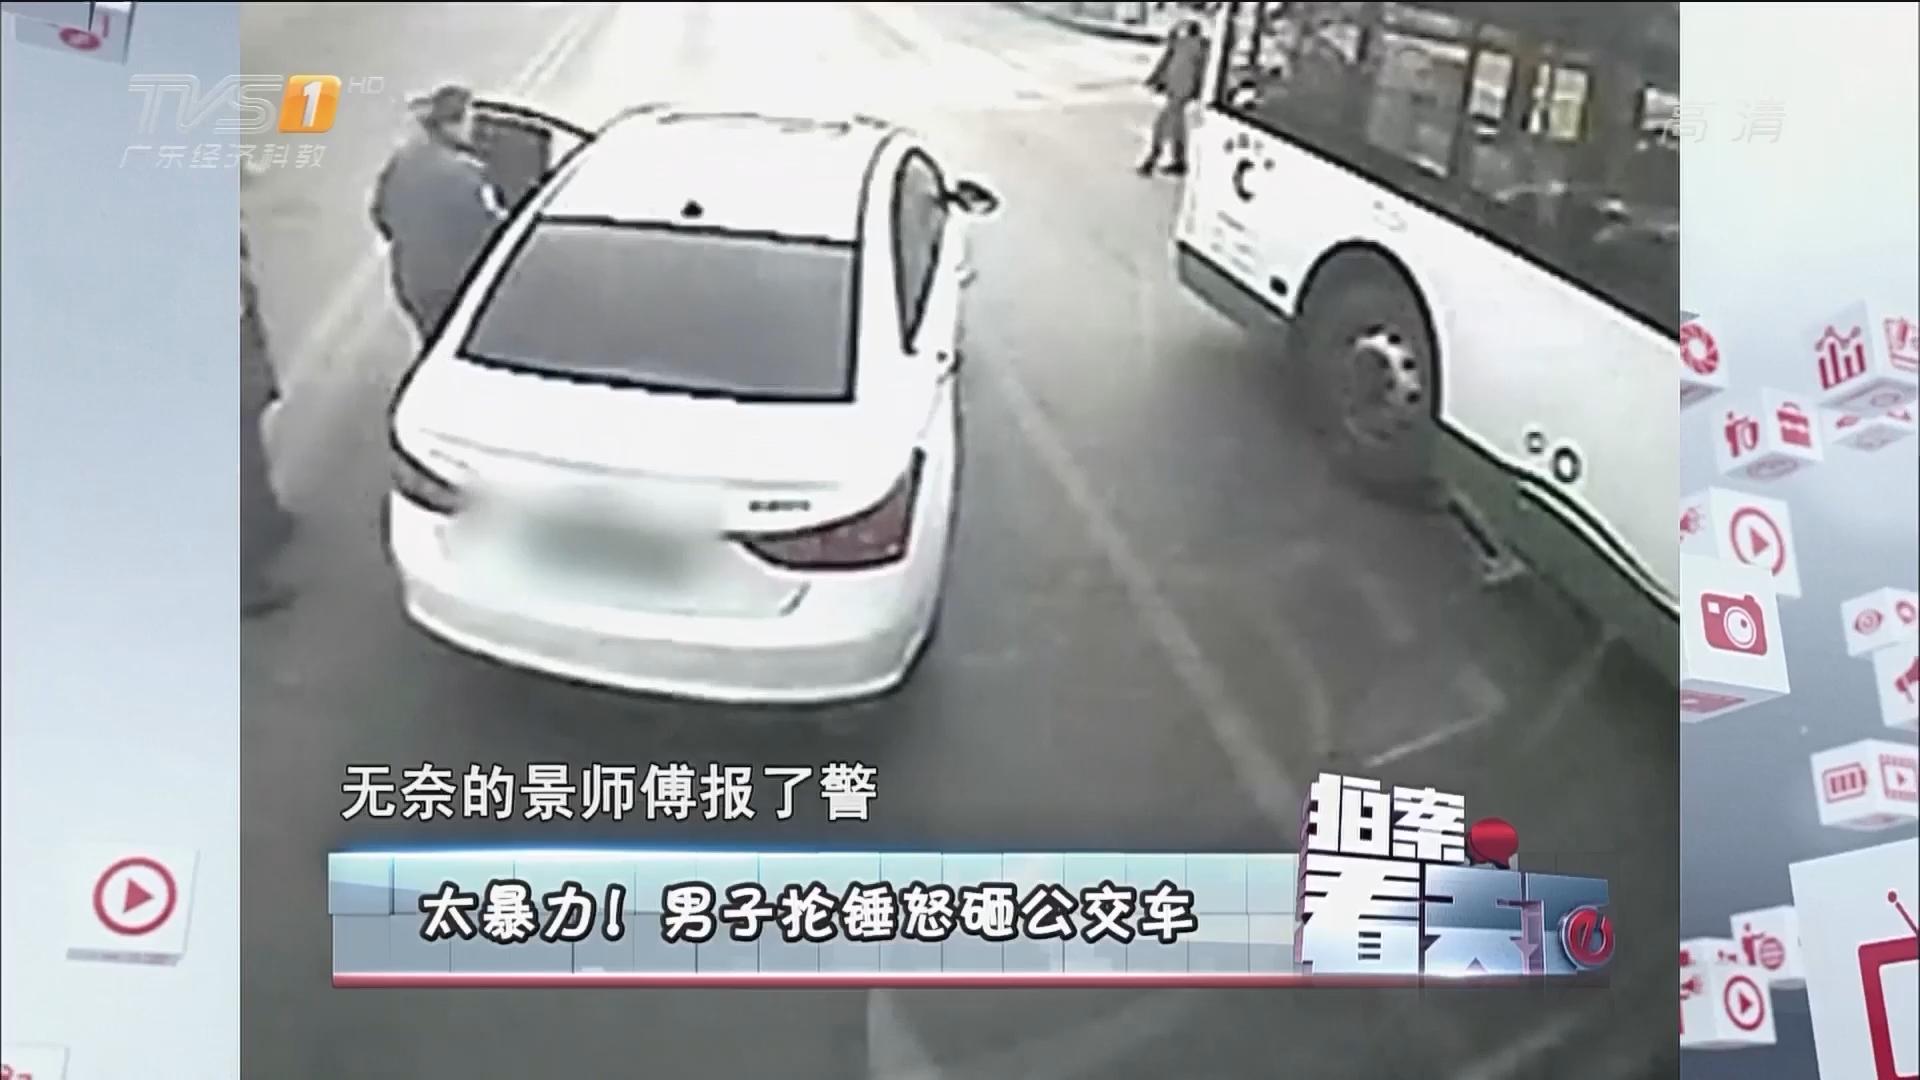 太暴力!男子抡锤怒砸公交车